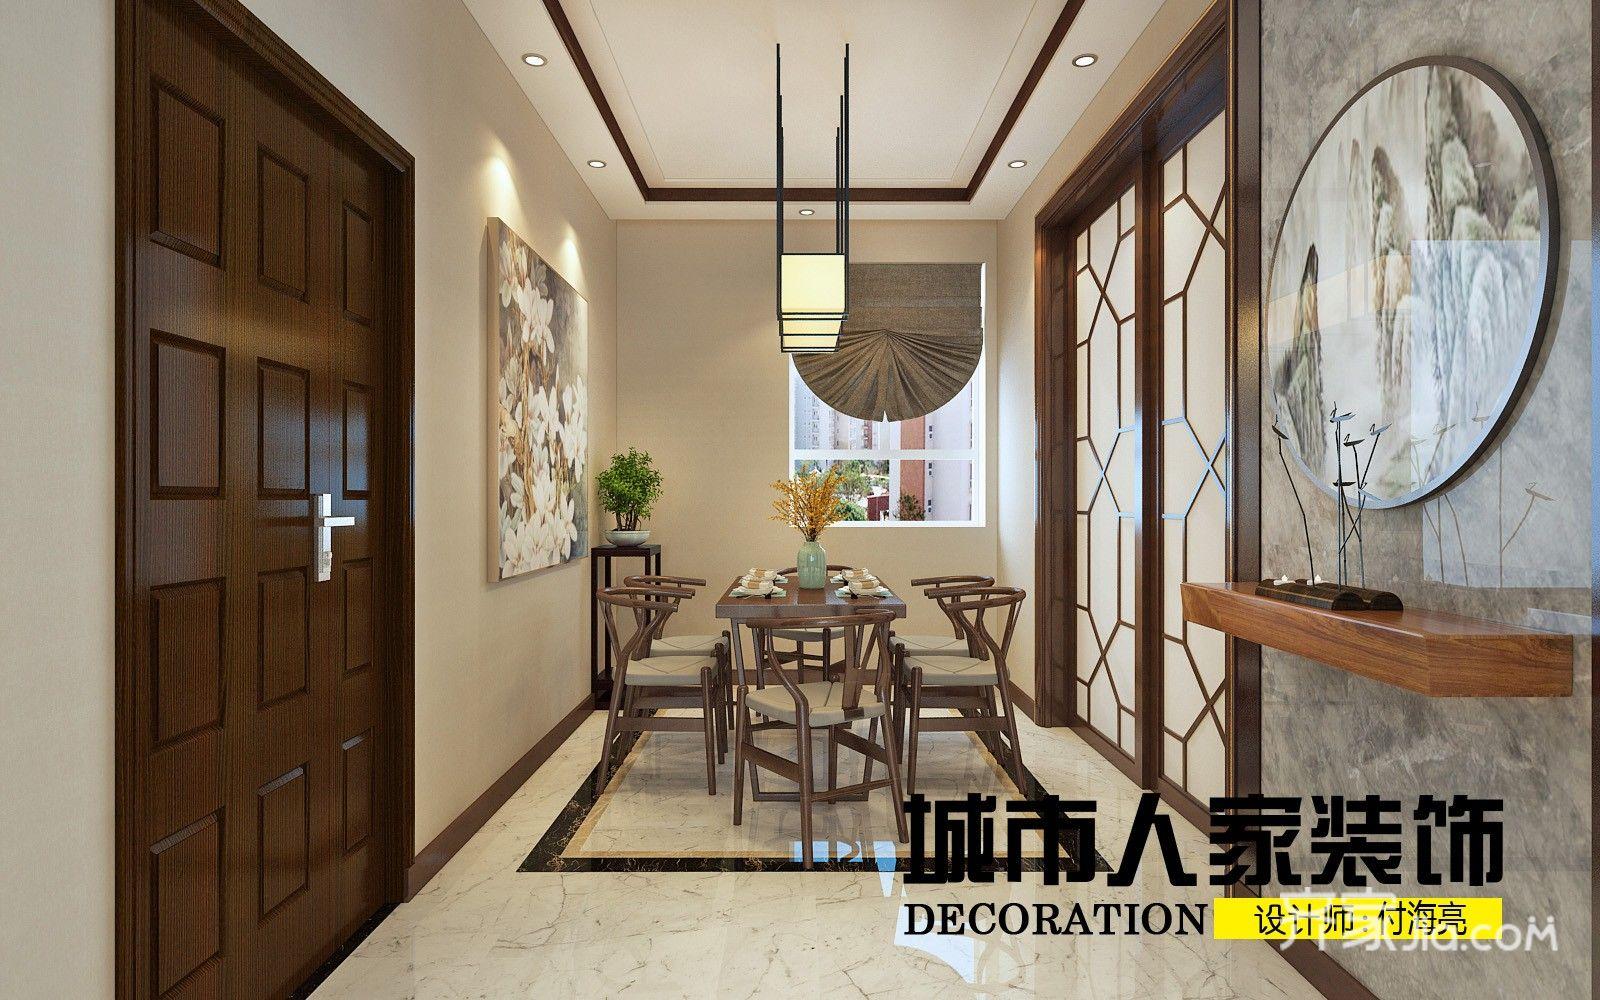 220㎡新中式复式装修餐厅效果图